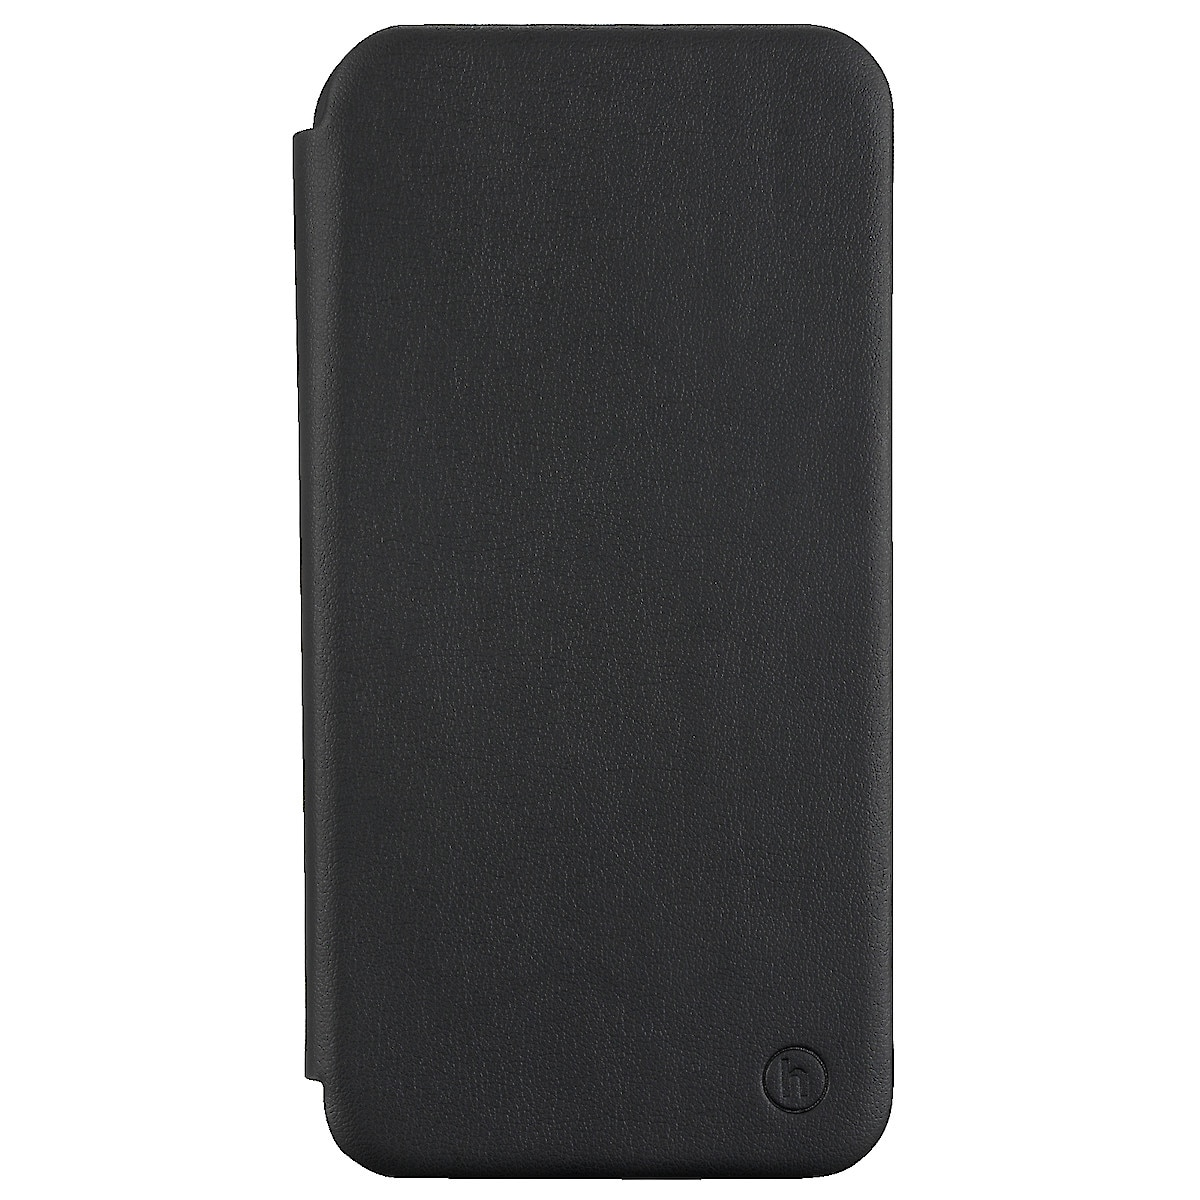 Flipfodral för iPhone 6/6s/7/8 Holdit